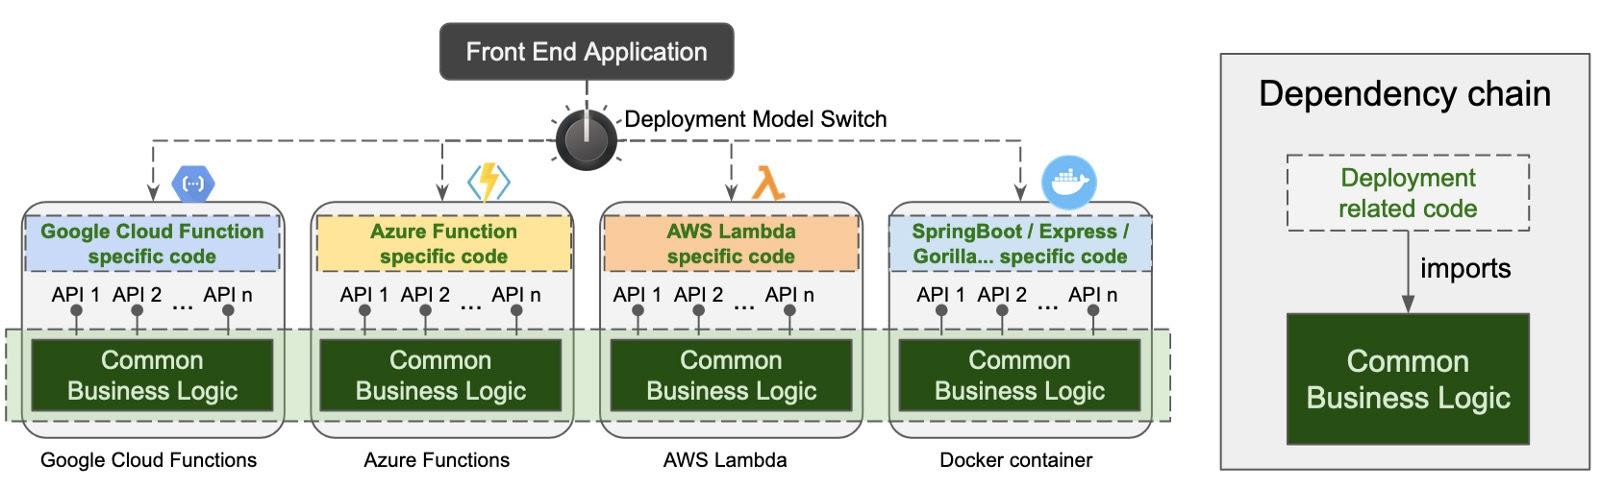 Отделение кода, связанного с развертыванием, от общей бизнес-логики для поддержки переключаемости между различными моделями развертывания